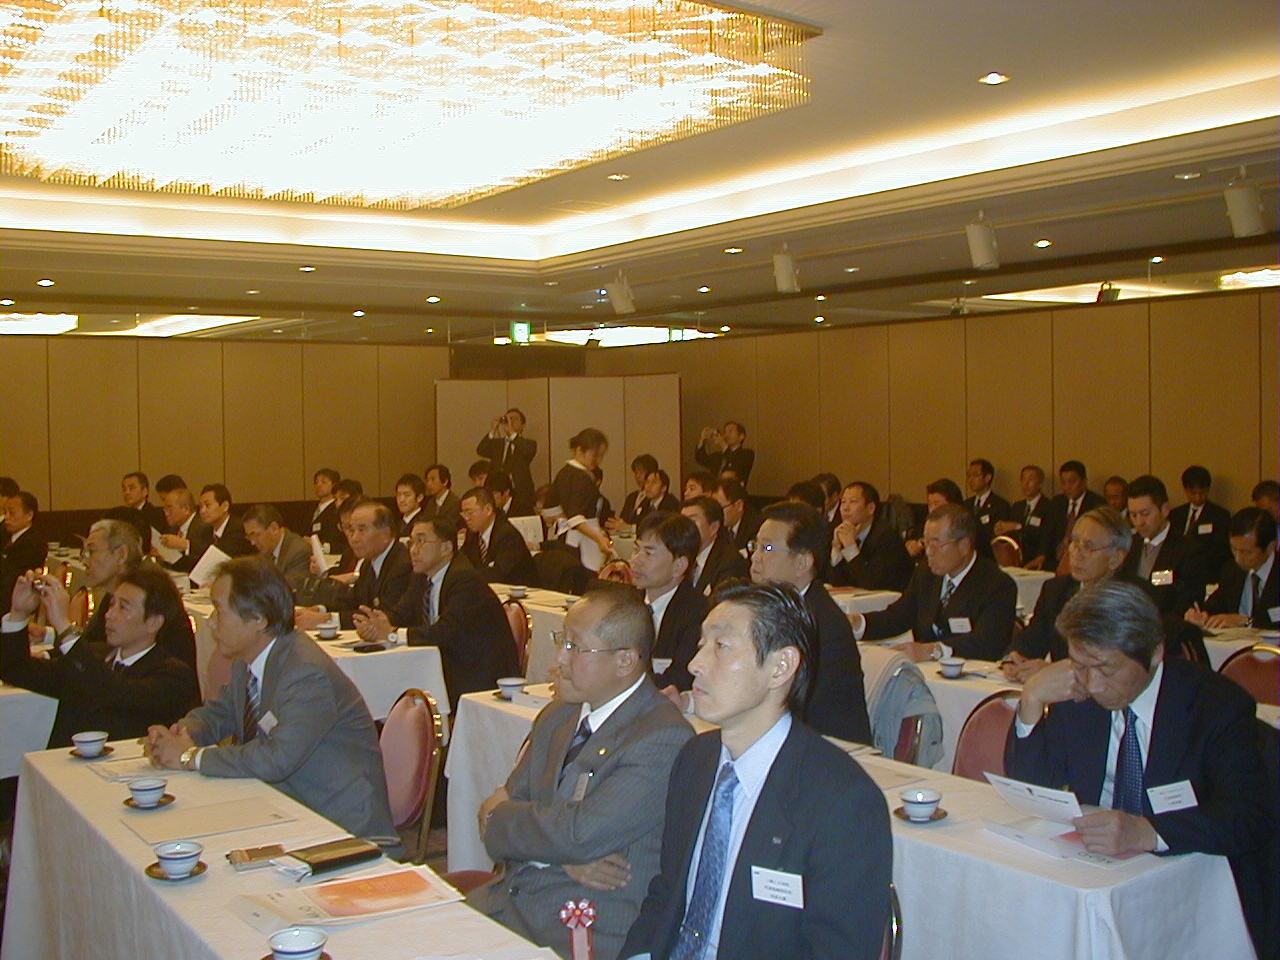 081120eins-seminar.JPG